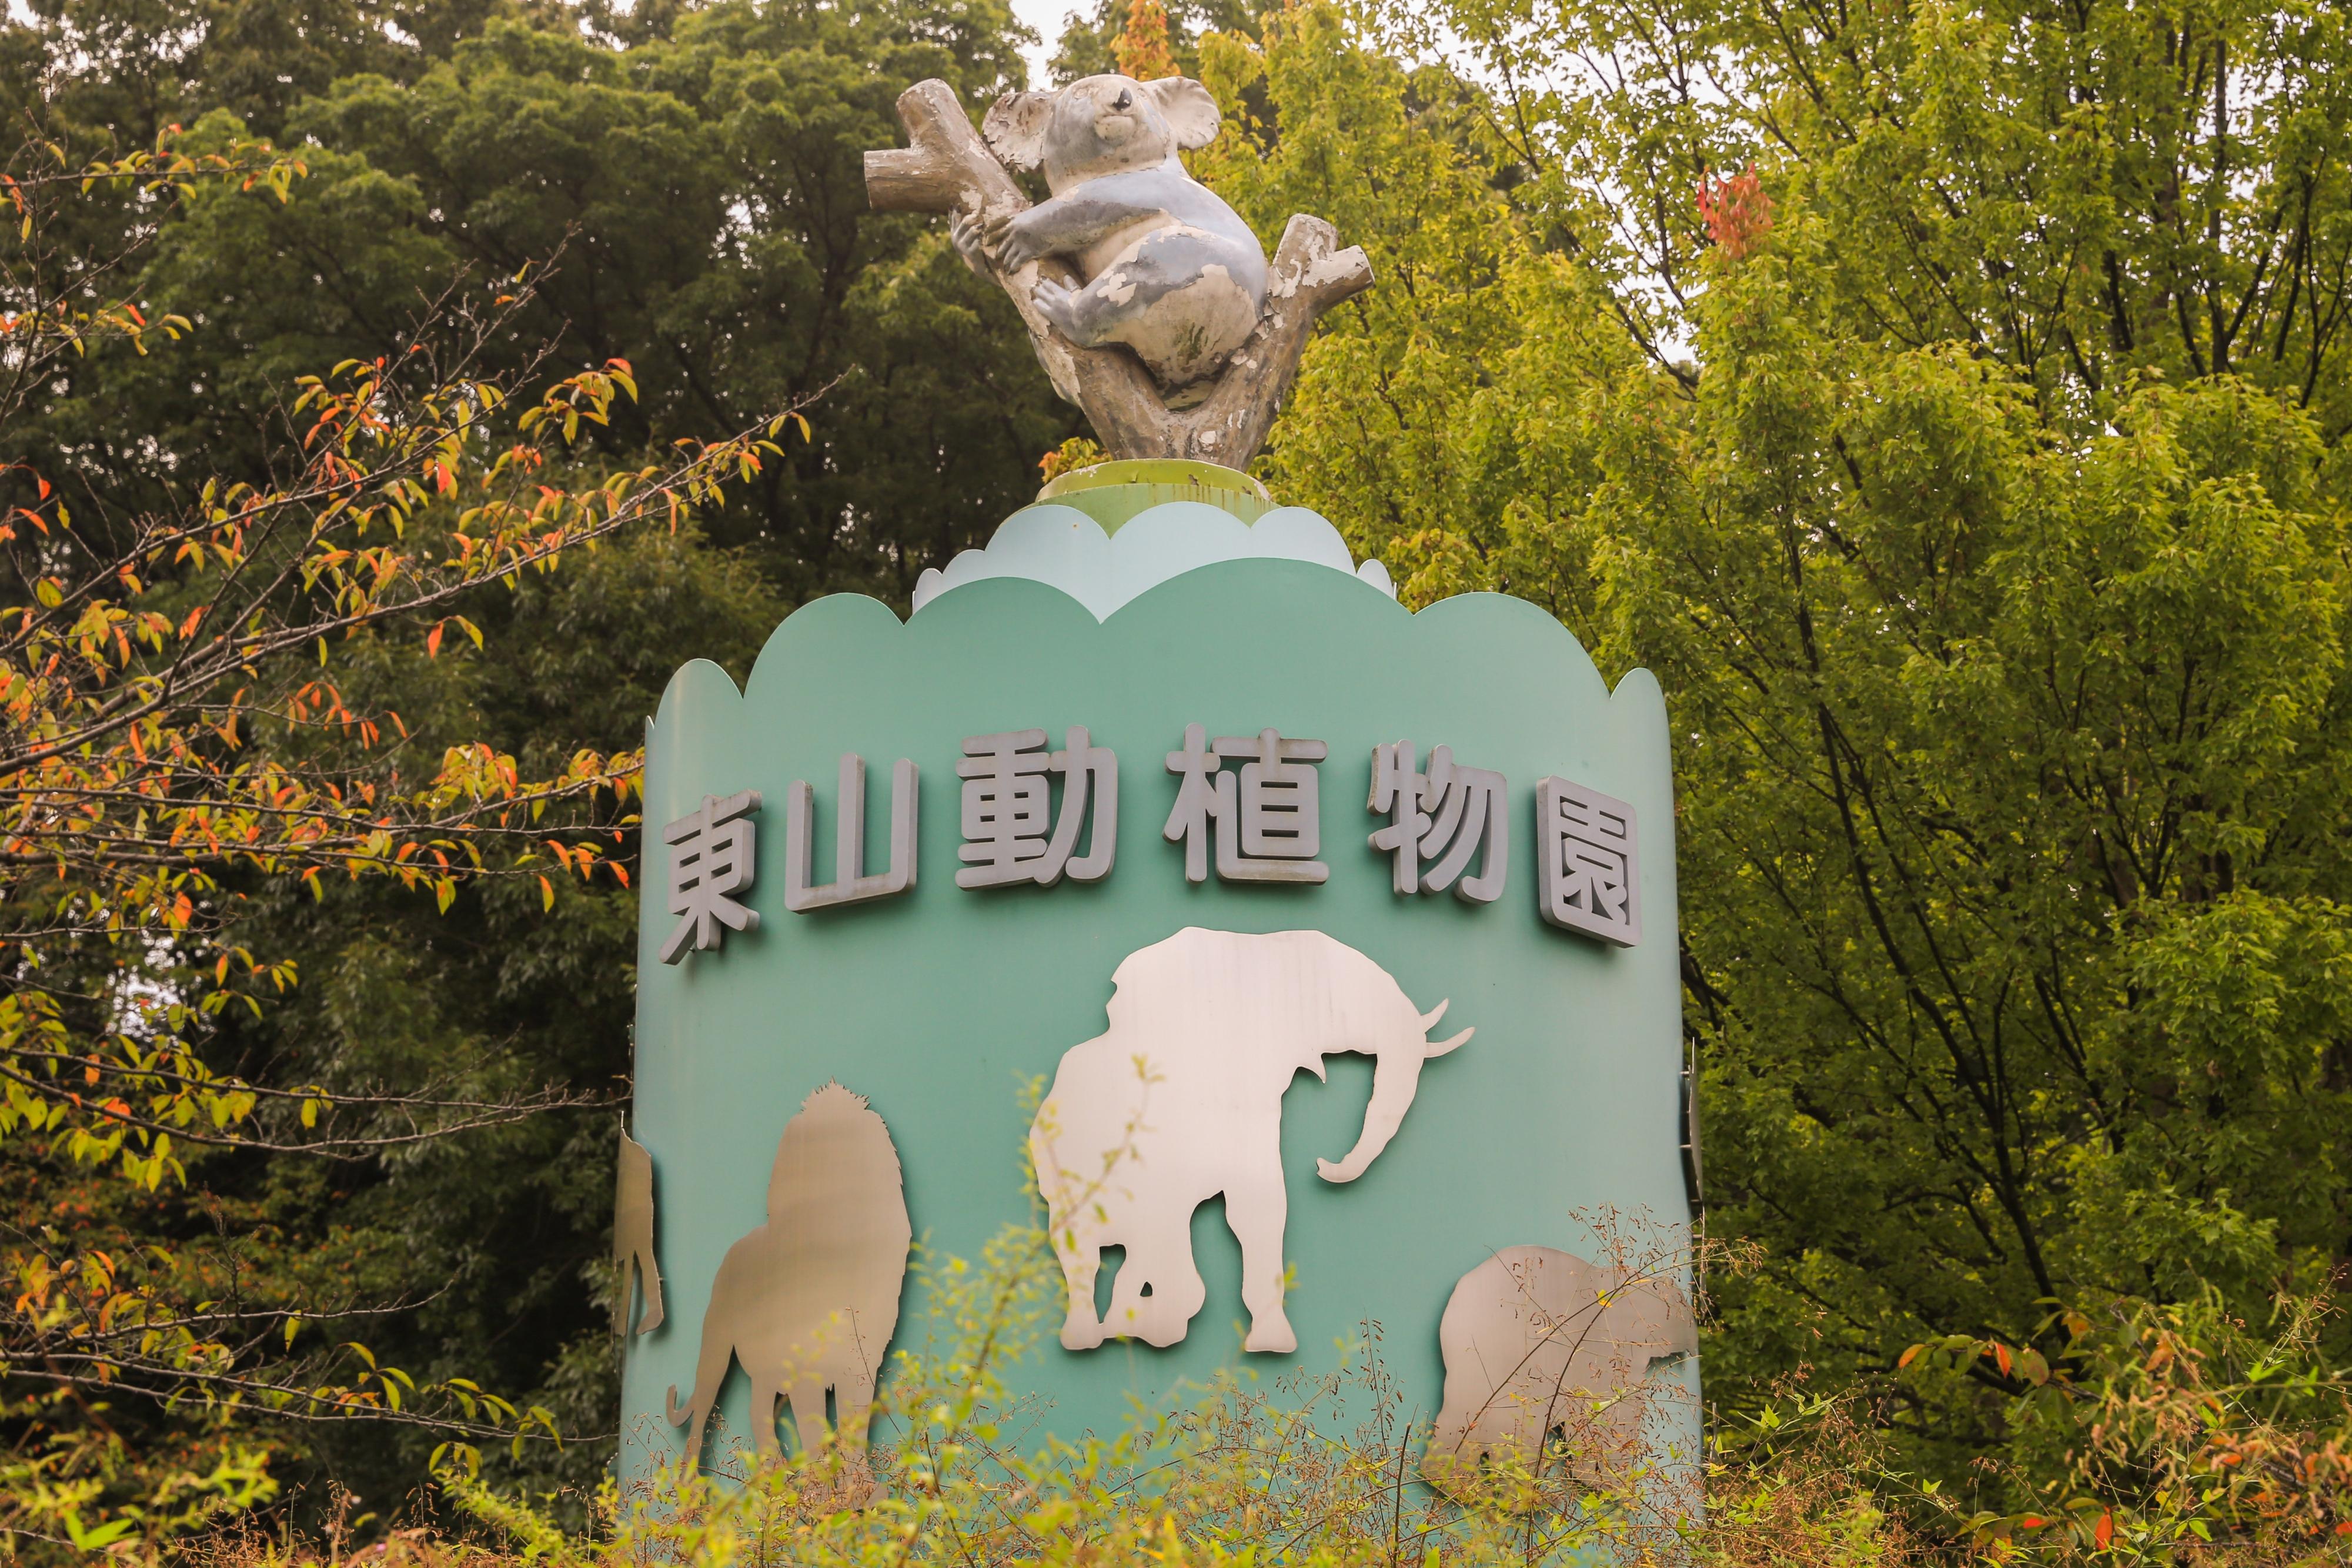 Higashiyama Zoo and Botanical Gardens